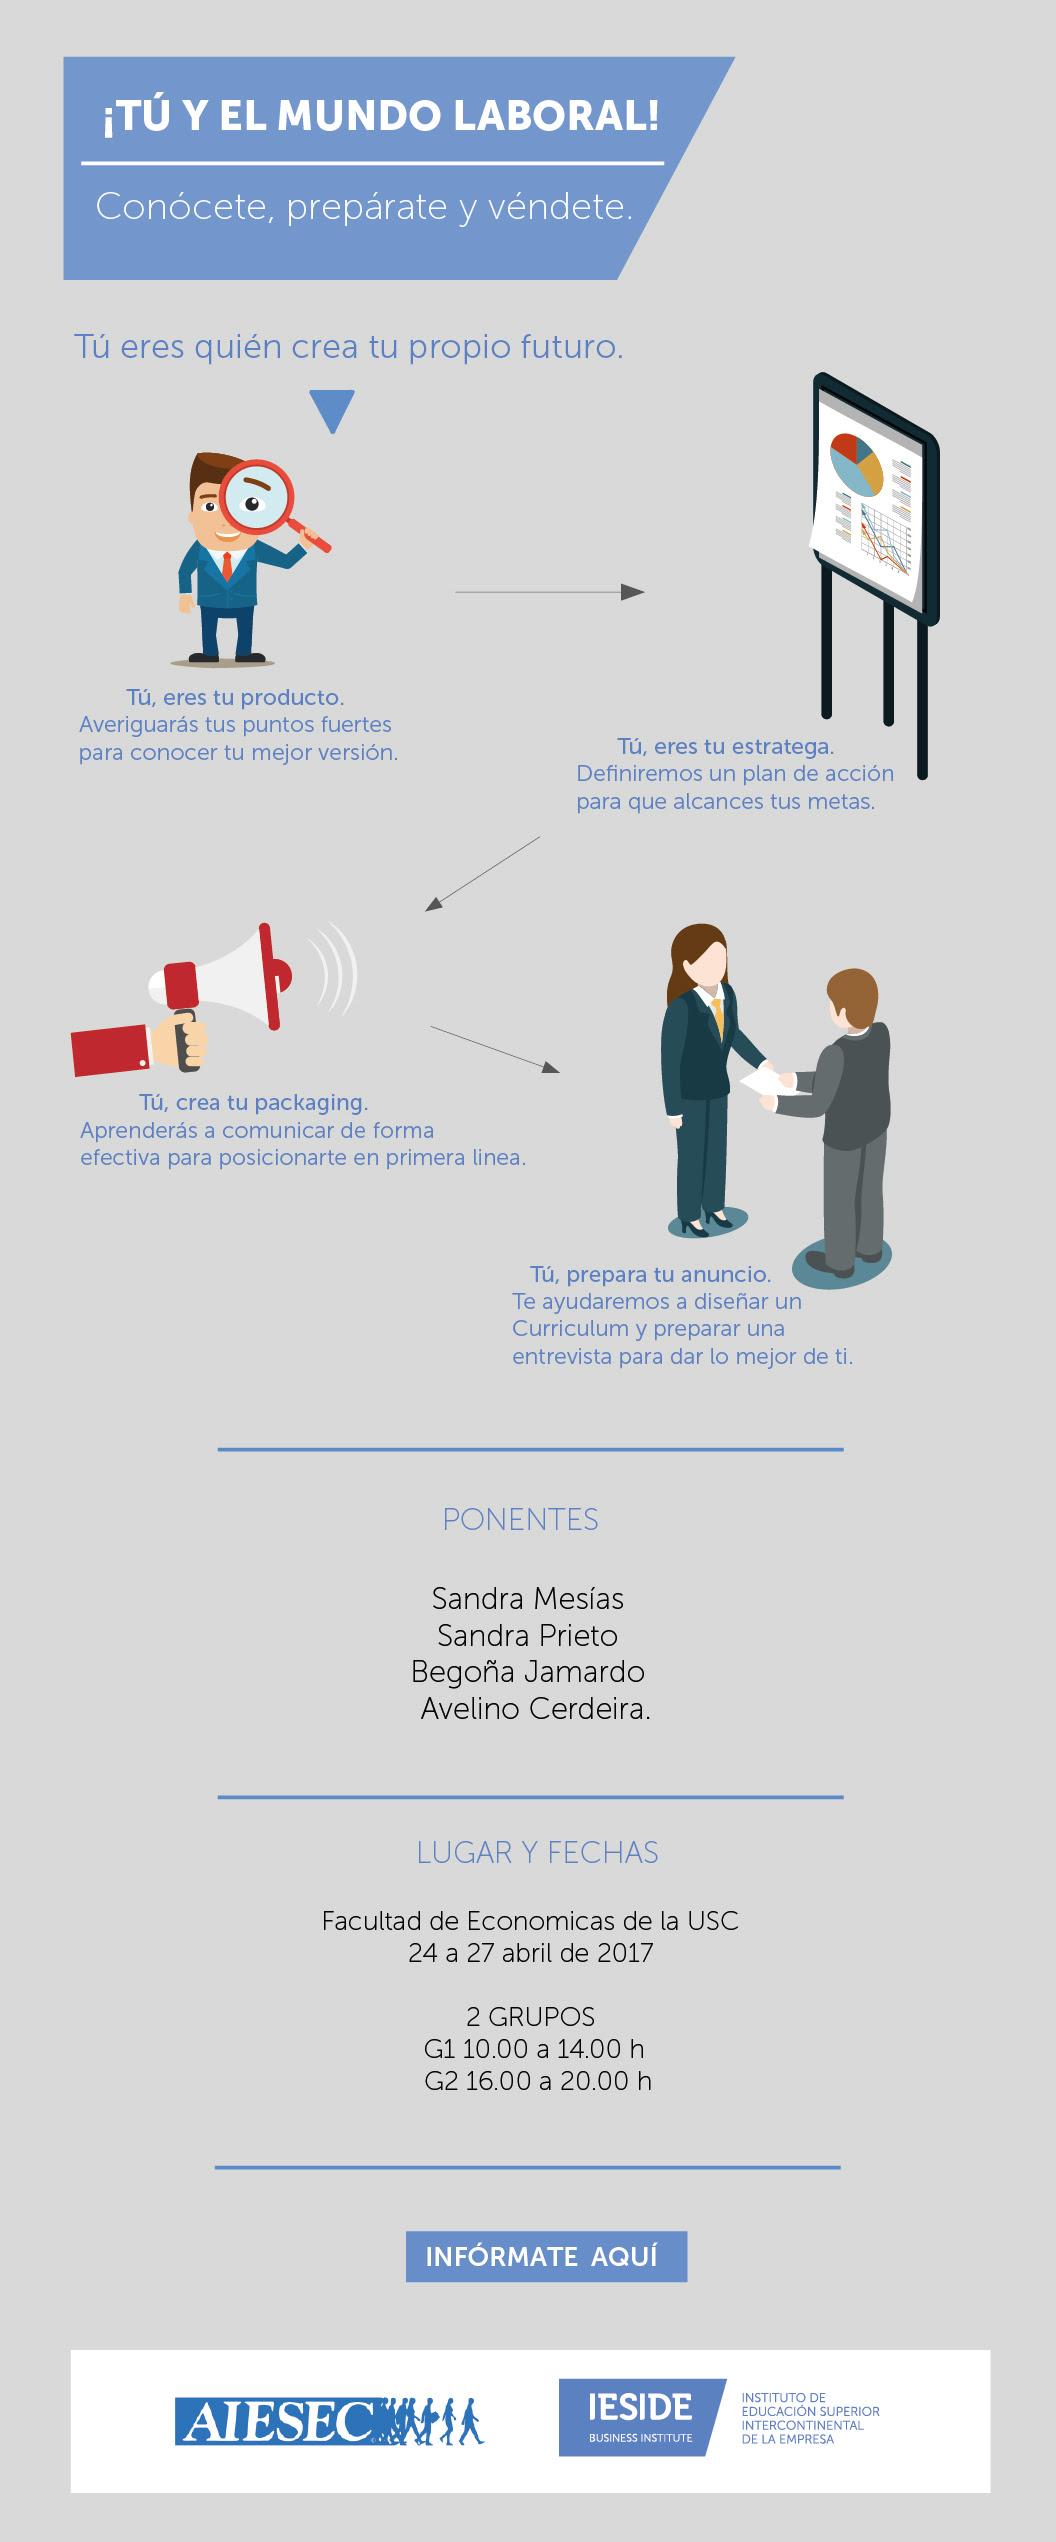 ¡Tú y el mundo laboral! Conócete, prepárate y véndete. Taller de empleabilidad – AIESEC & IESIDE | Santiago de Compostela – 24-27 de abril